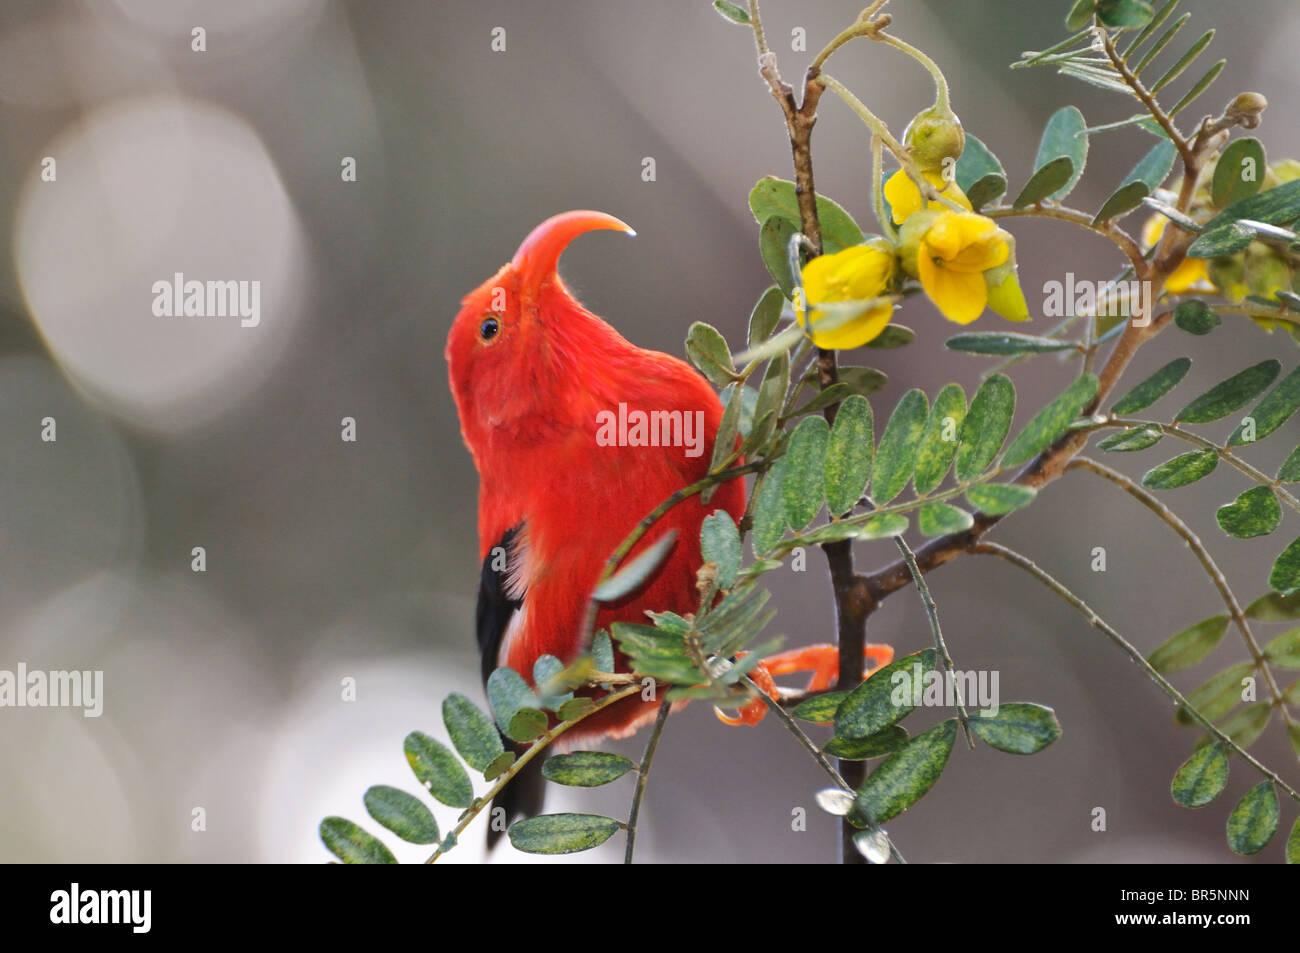 'I'iwi bird - Honeycreeper hawaiano - extracción de néctar, Maui, Hawai, las islas Hawaii, EEUU. Imagen De Stock